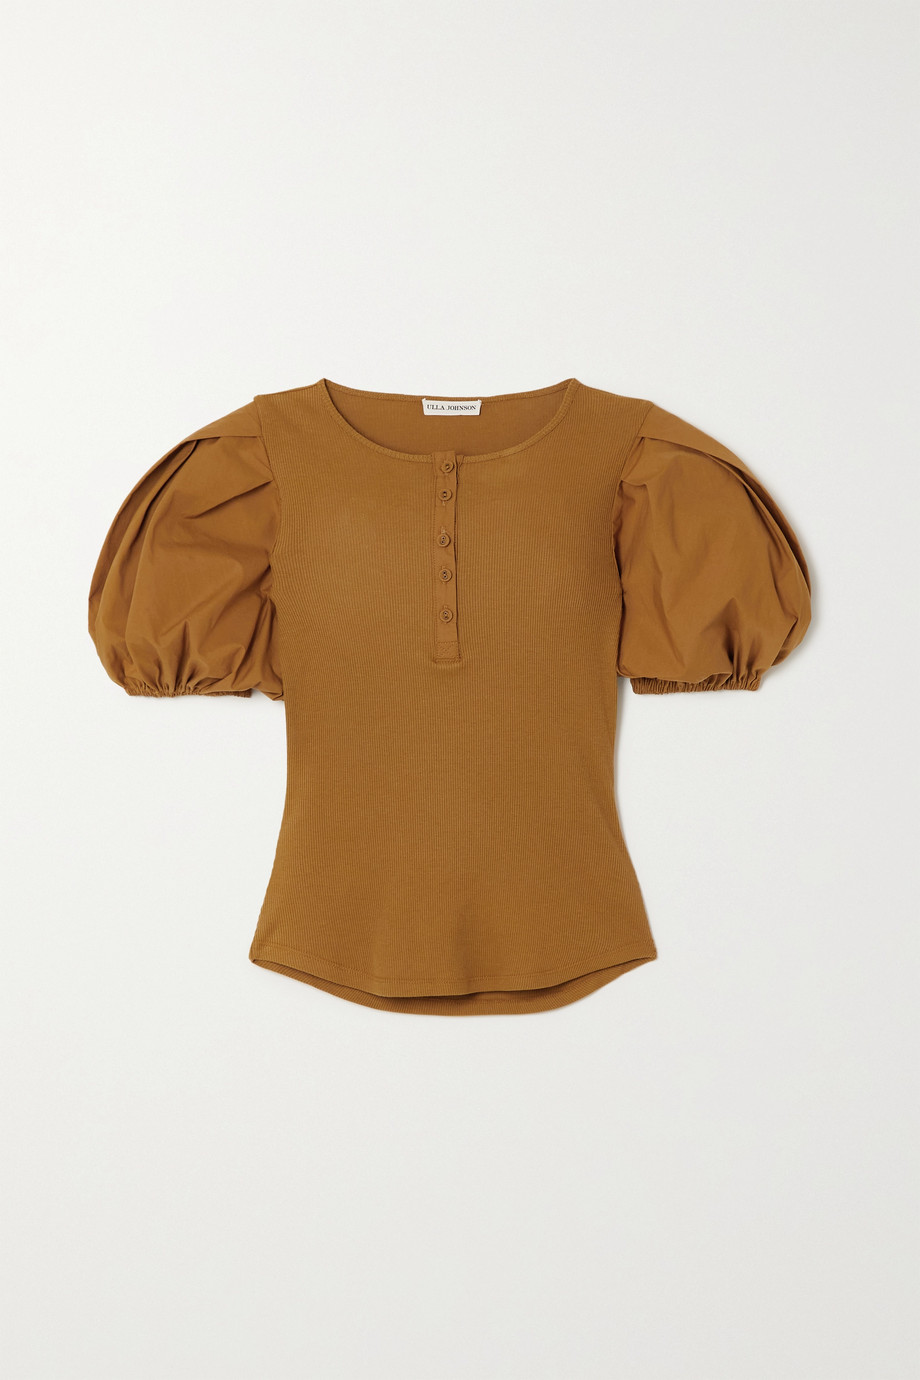 Ulla Johnson Kara ribbed cotton top